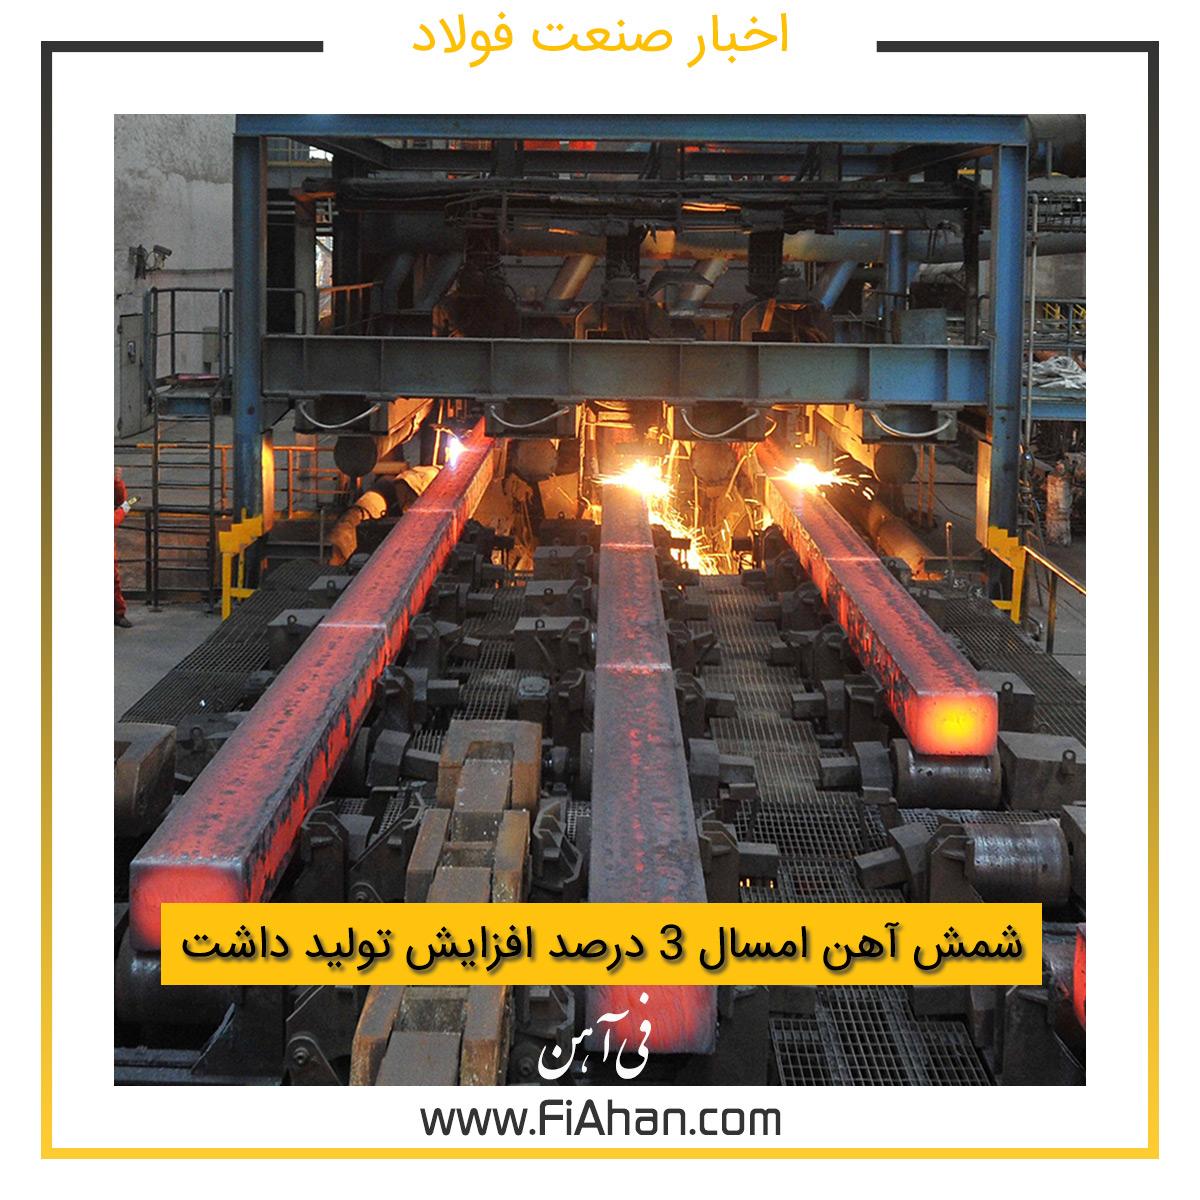 شمش آهن امسال 3 درصد افزایش تولید داشت